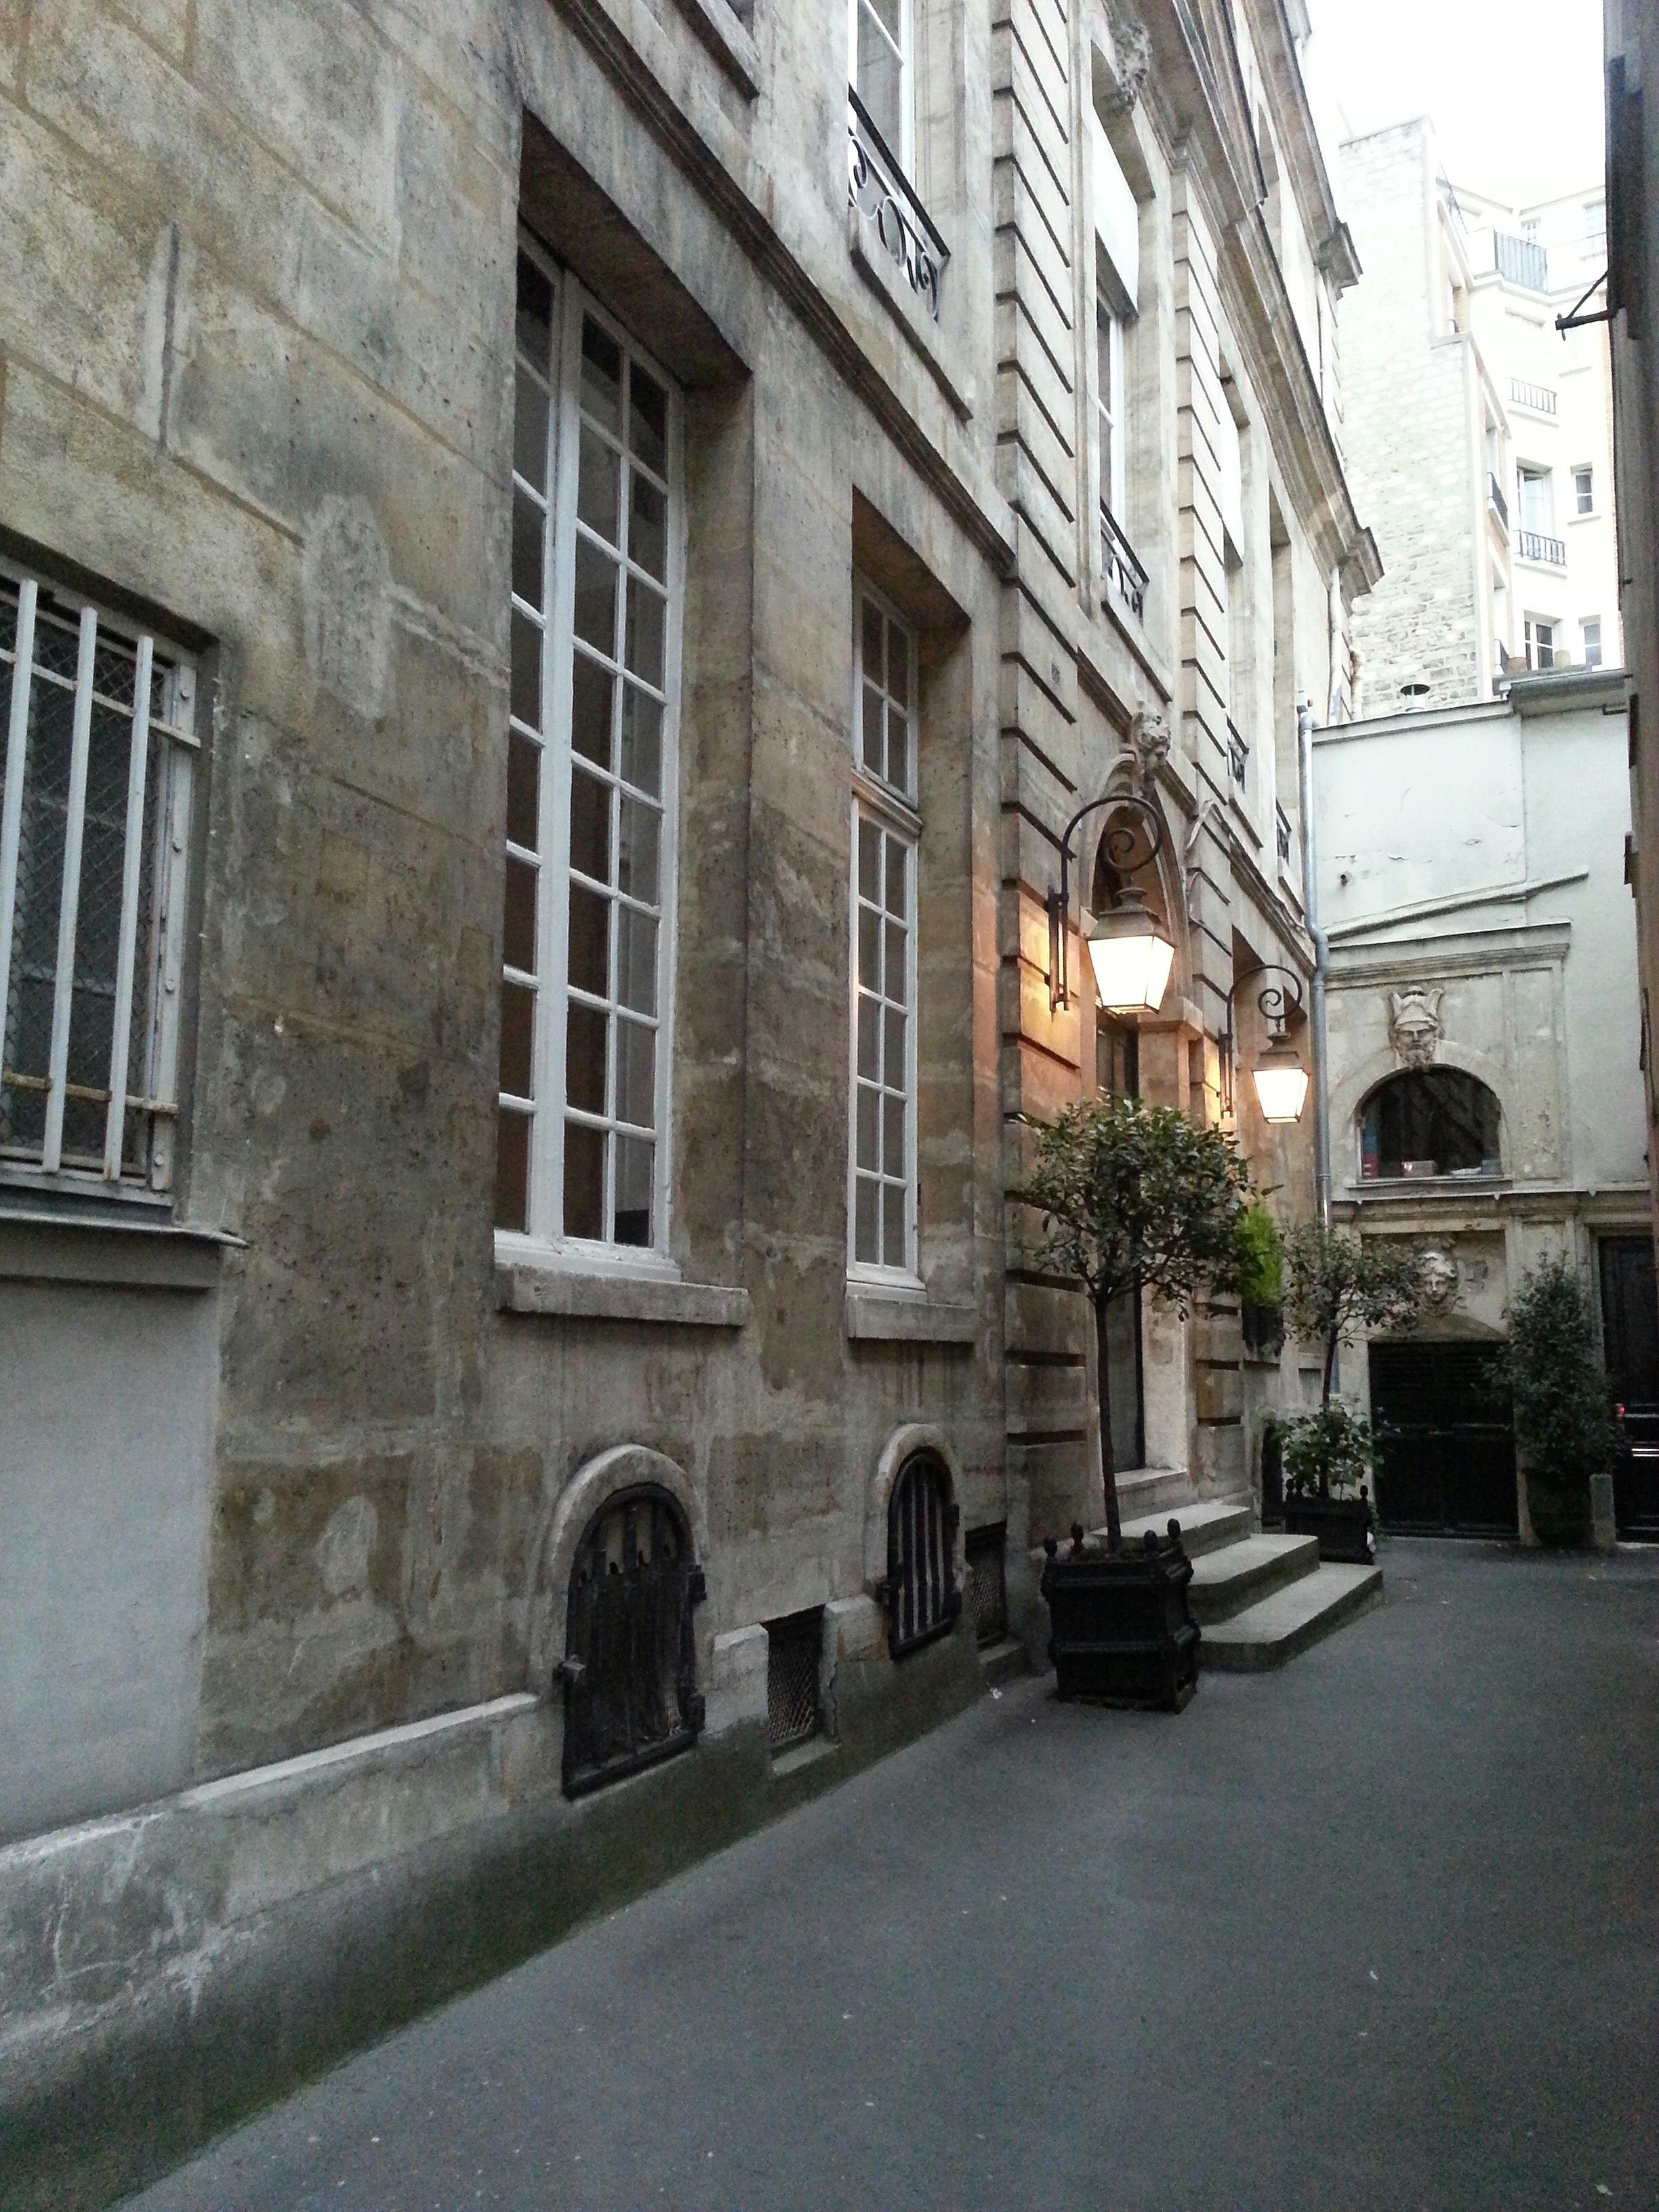 File:Hôtel de Turenne 2013-09-22 19-30-09.jpg - Wikimedia Commons